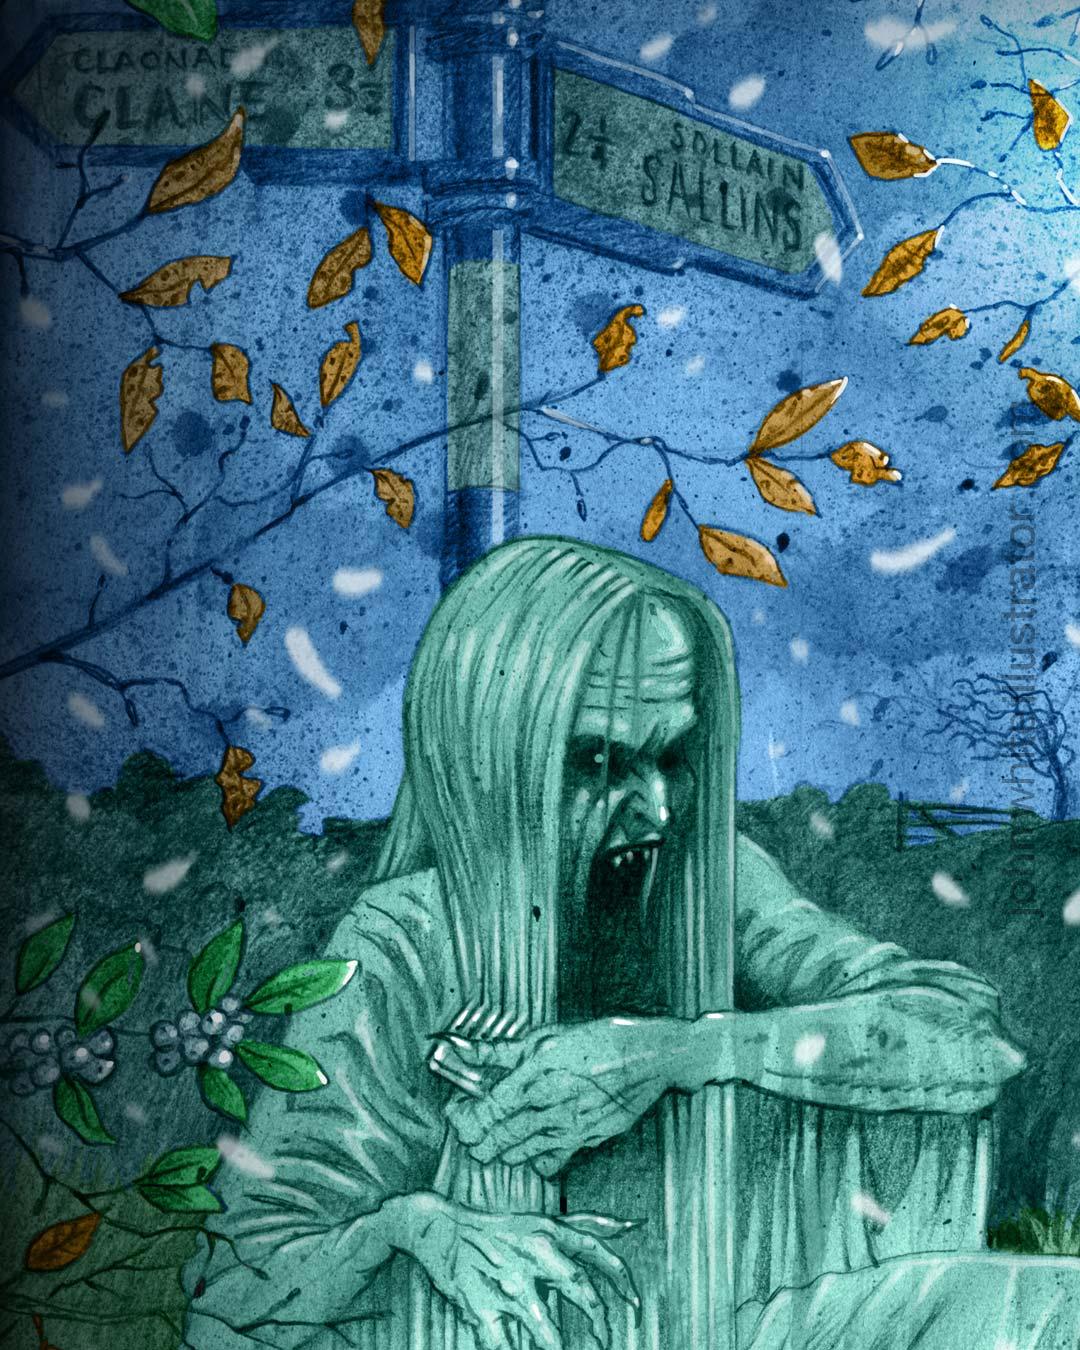 detail of banshee illustration